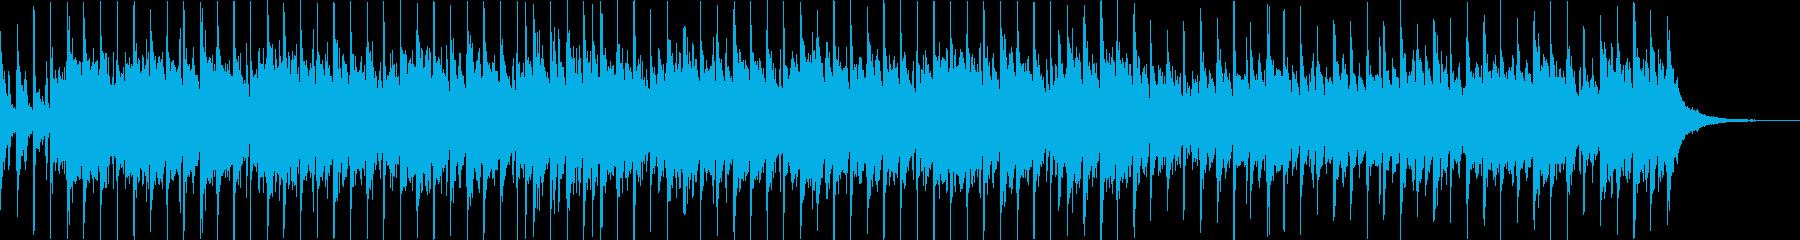 荘厳な雰囲気のオーケストラ風BGMの再生済みの波形